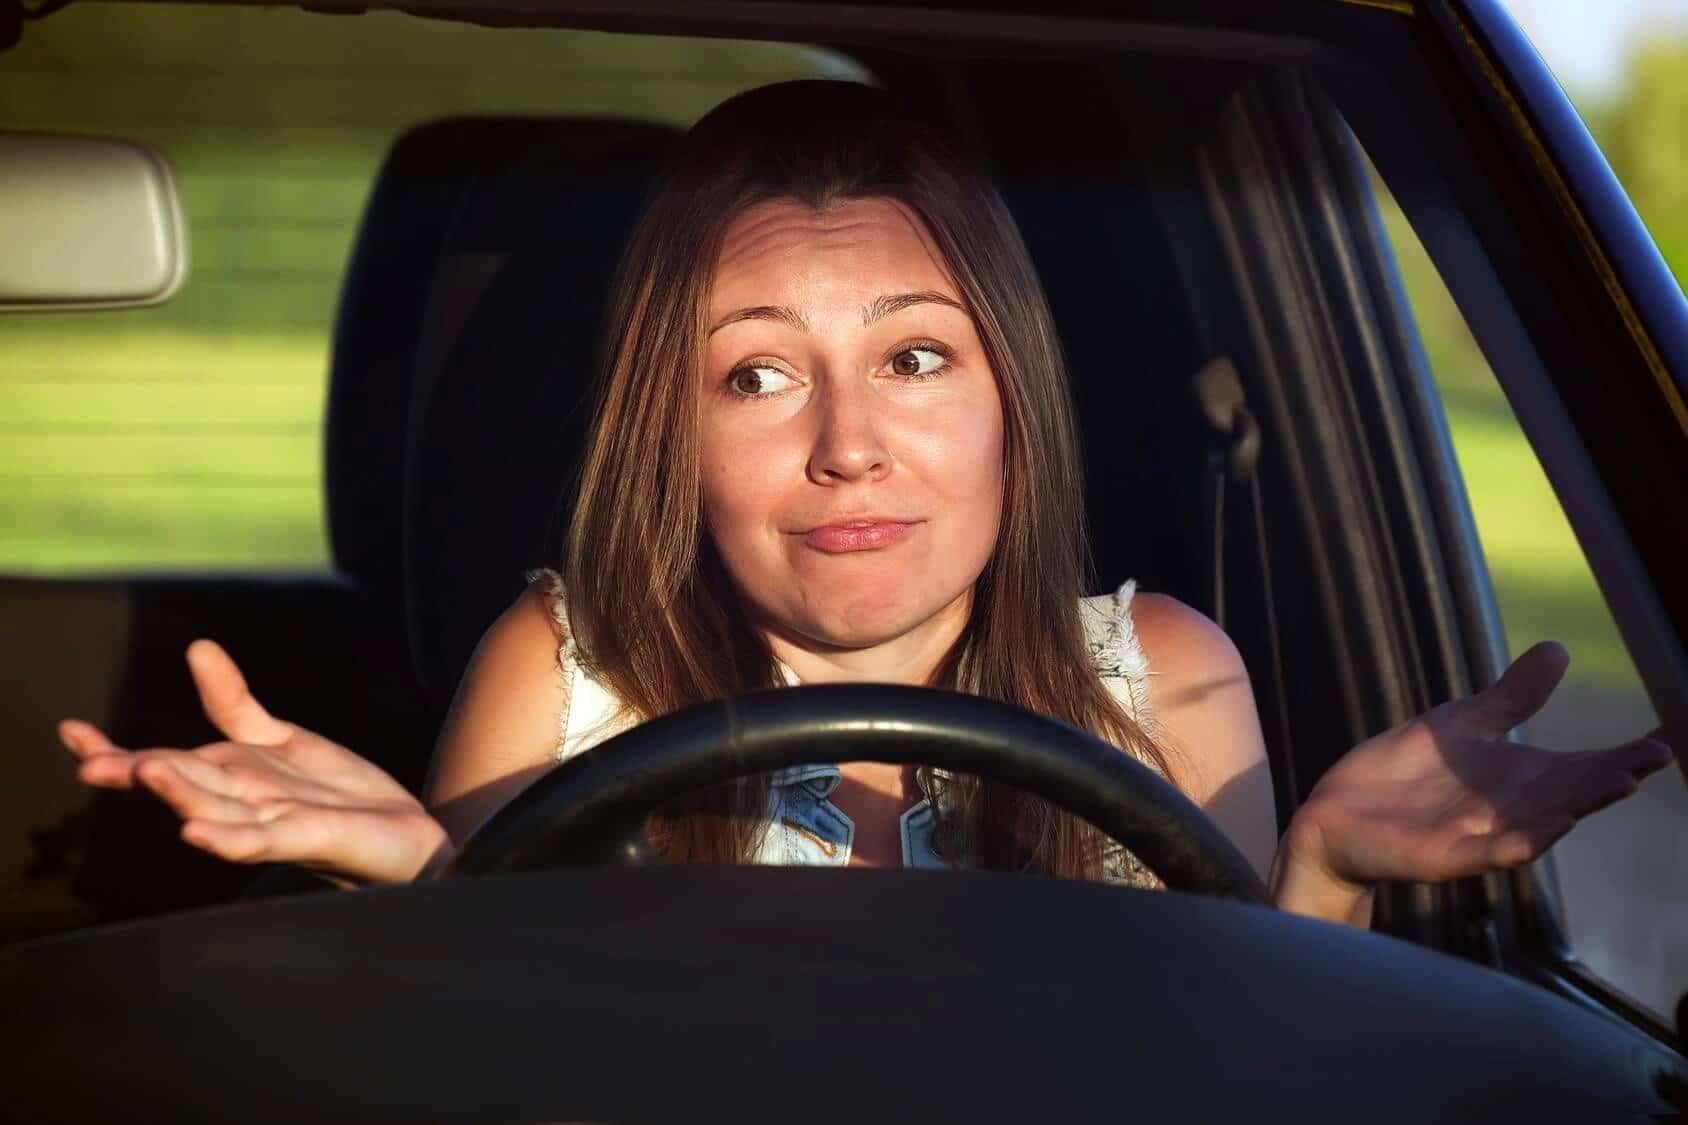 Можно ли ездить на автомобиле умершего человека